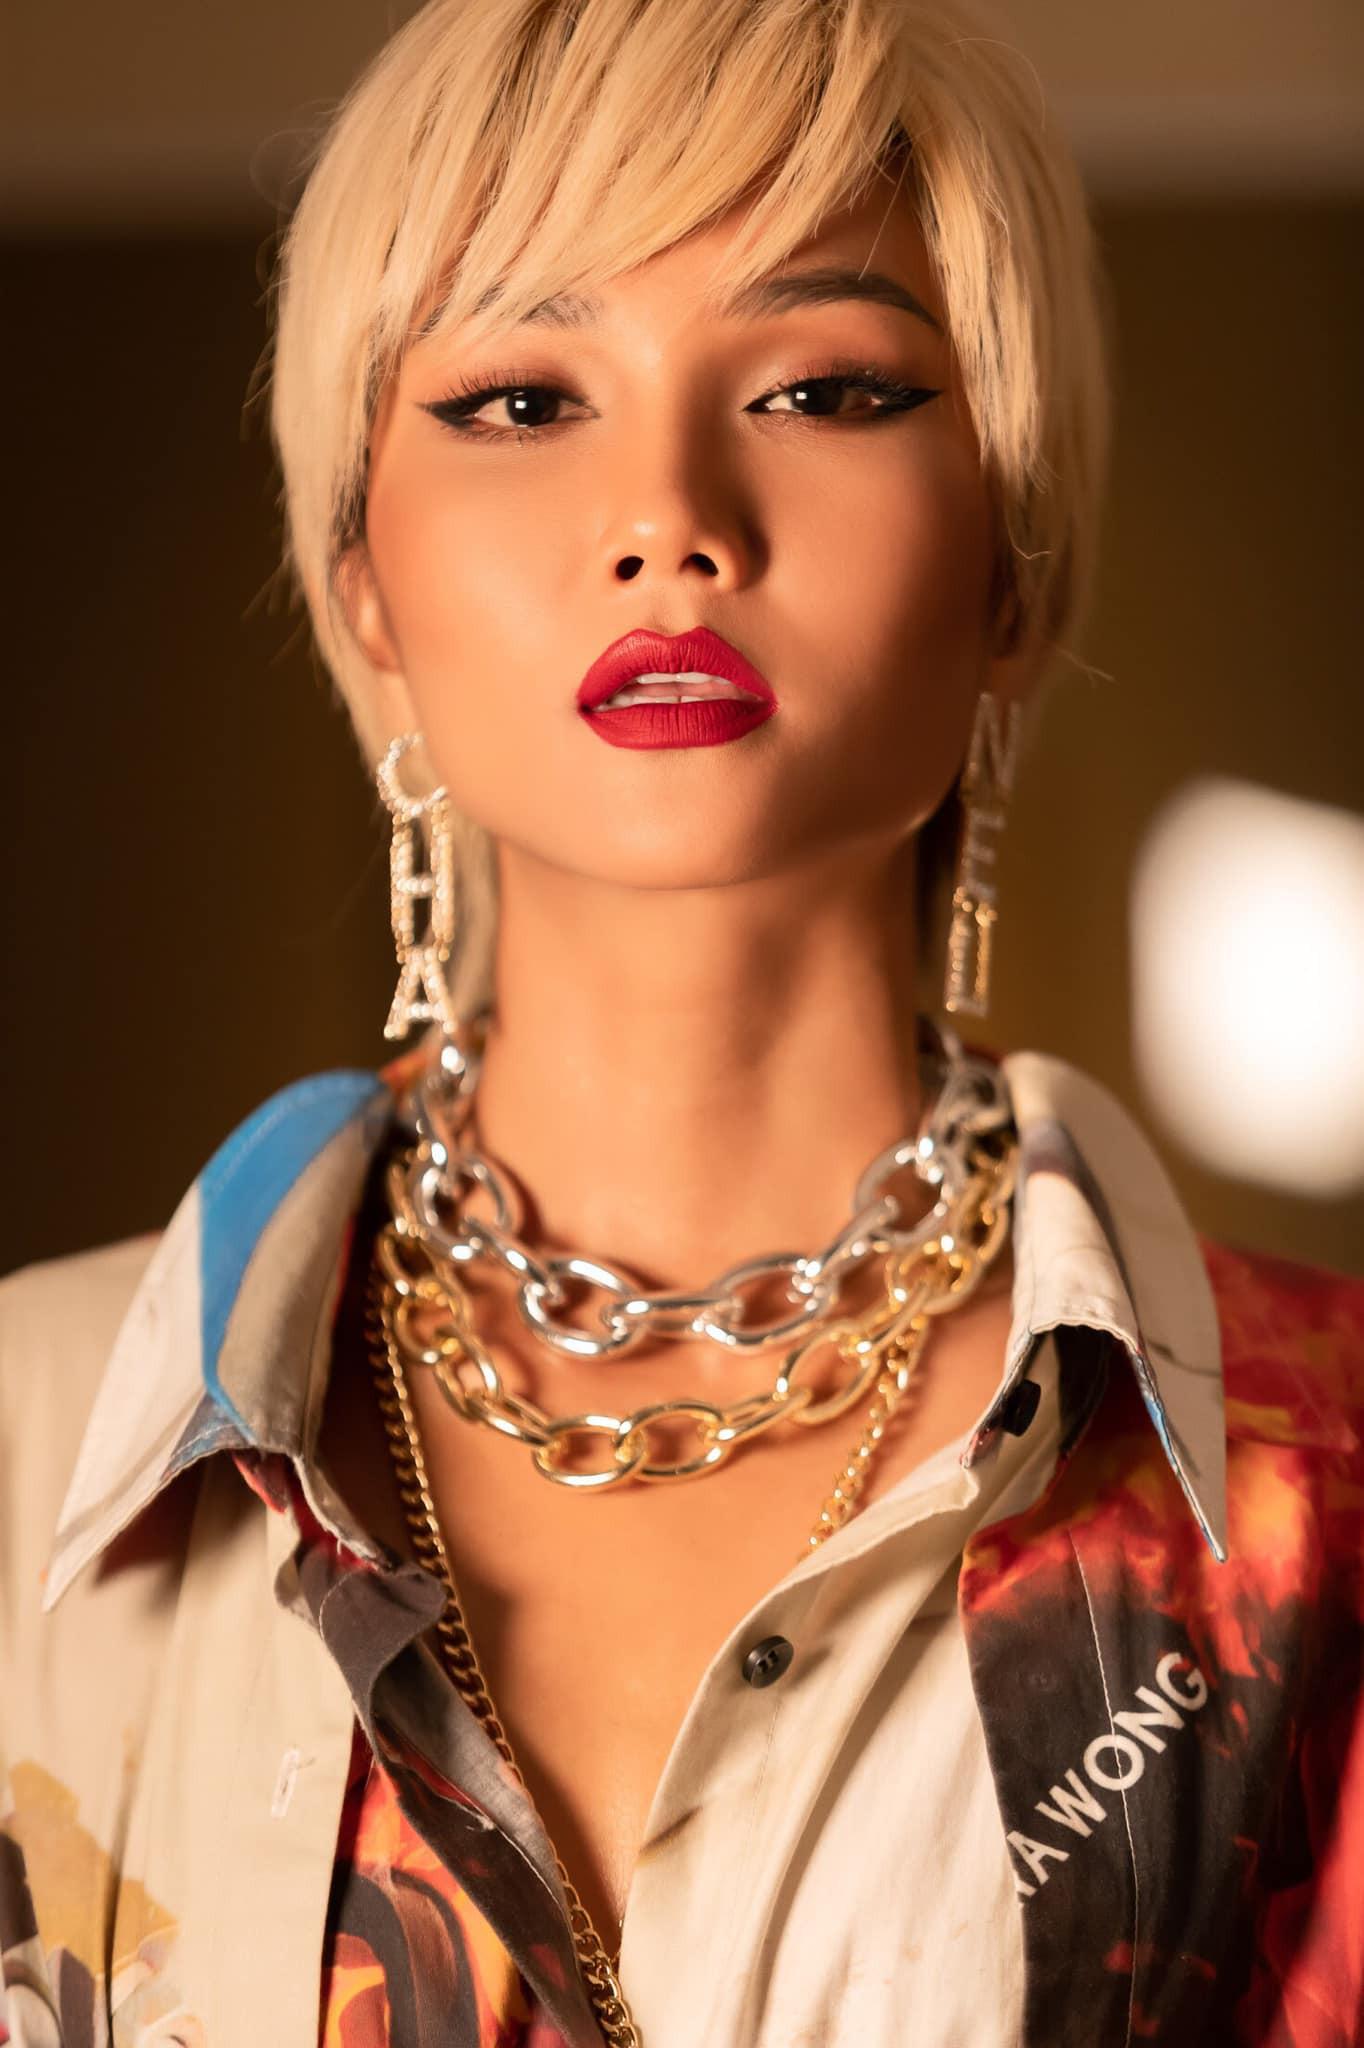 Đi tìm kiểu tóc phù hợp với gương mặt và phong cách của HHen Niê - Ảnh 9.